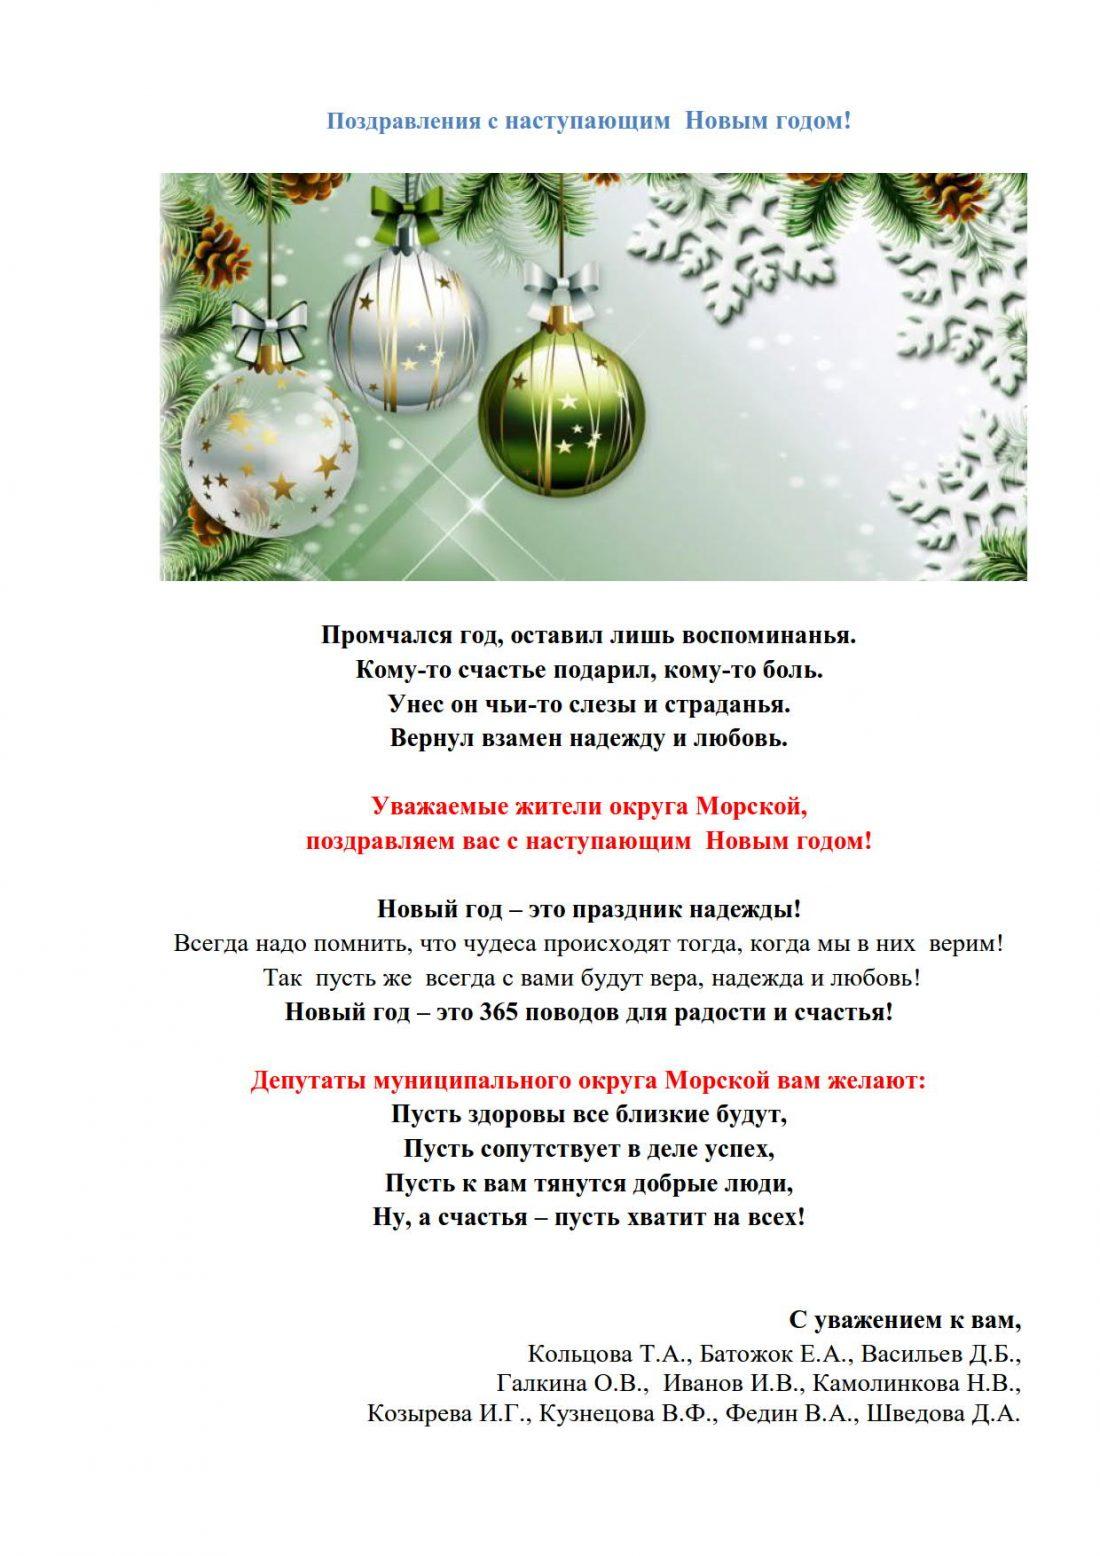 С Новым годом и Рождеством.docx_1